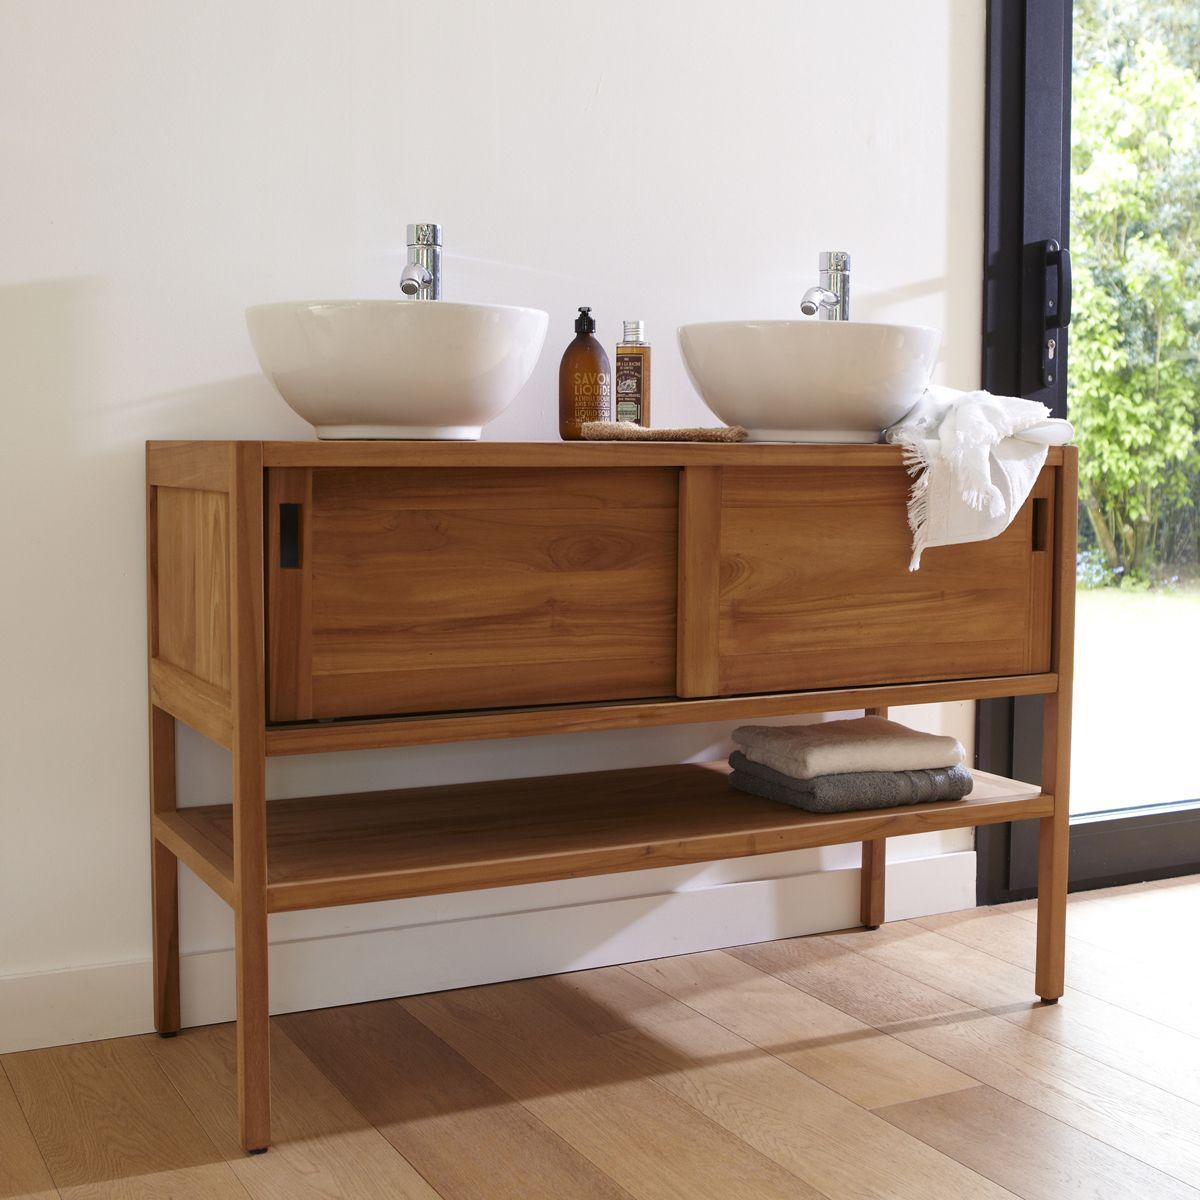 Waschtischplatte mit schublade gäste wc  Waschtisch aus Teak 120 Arty | Bad | Pinterest | Gäste wc, Gast ...